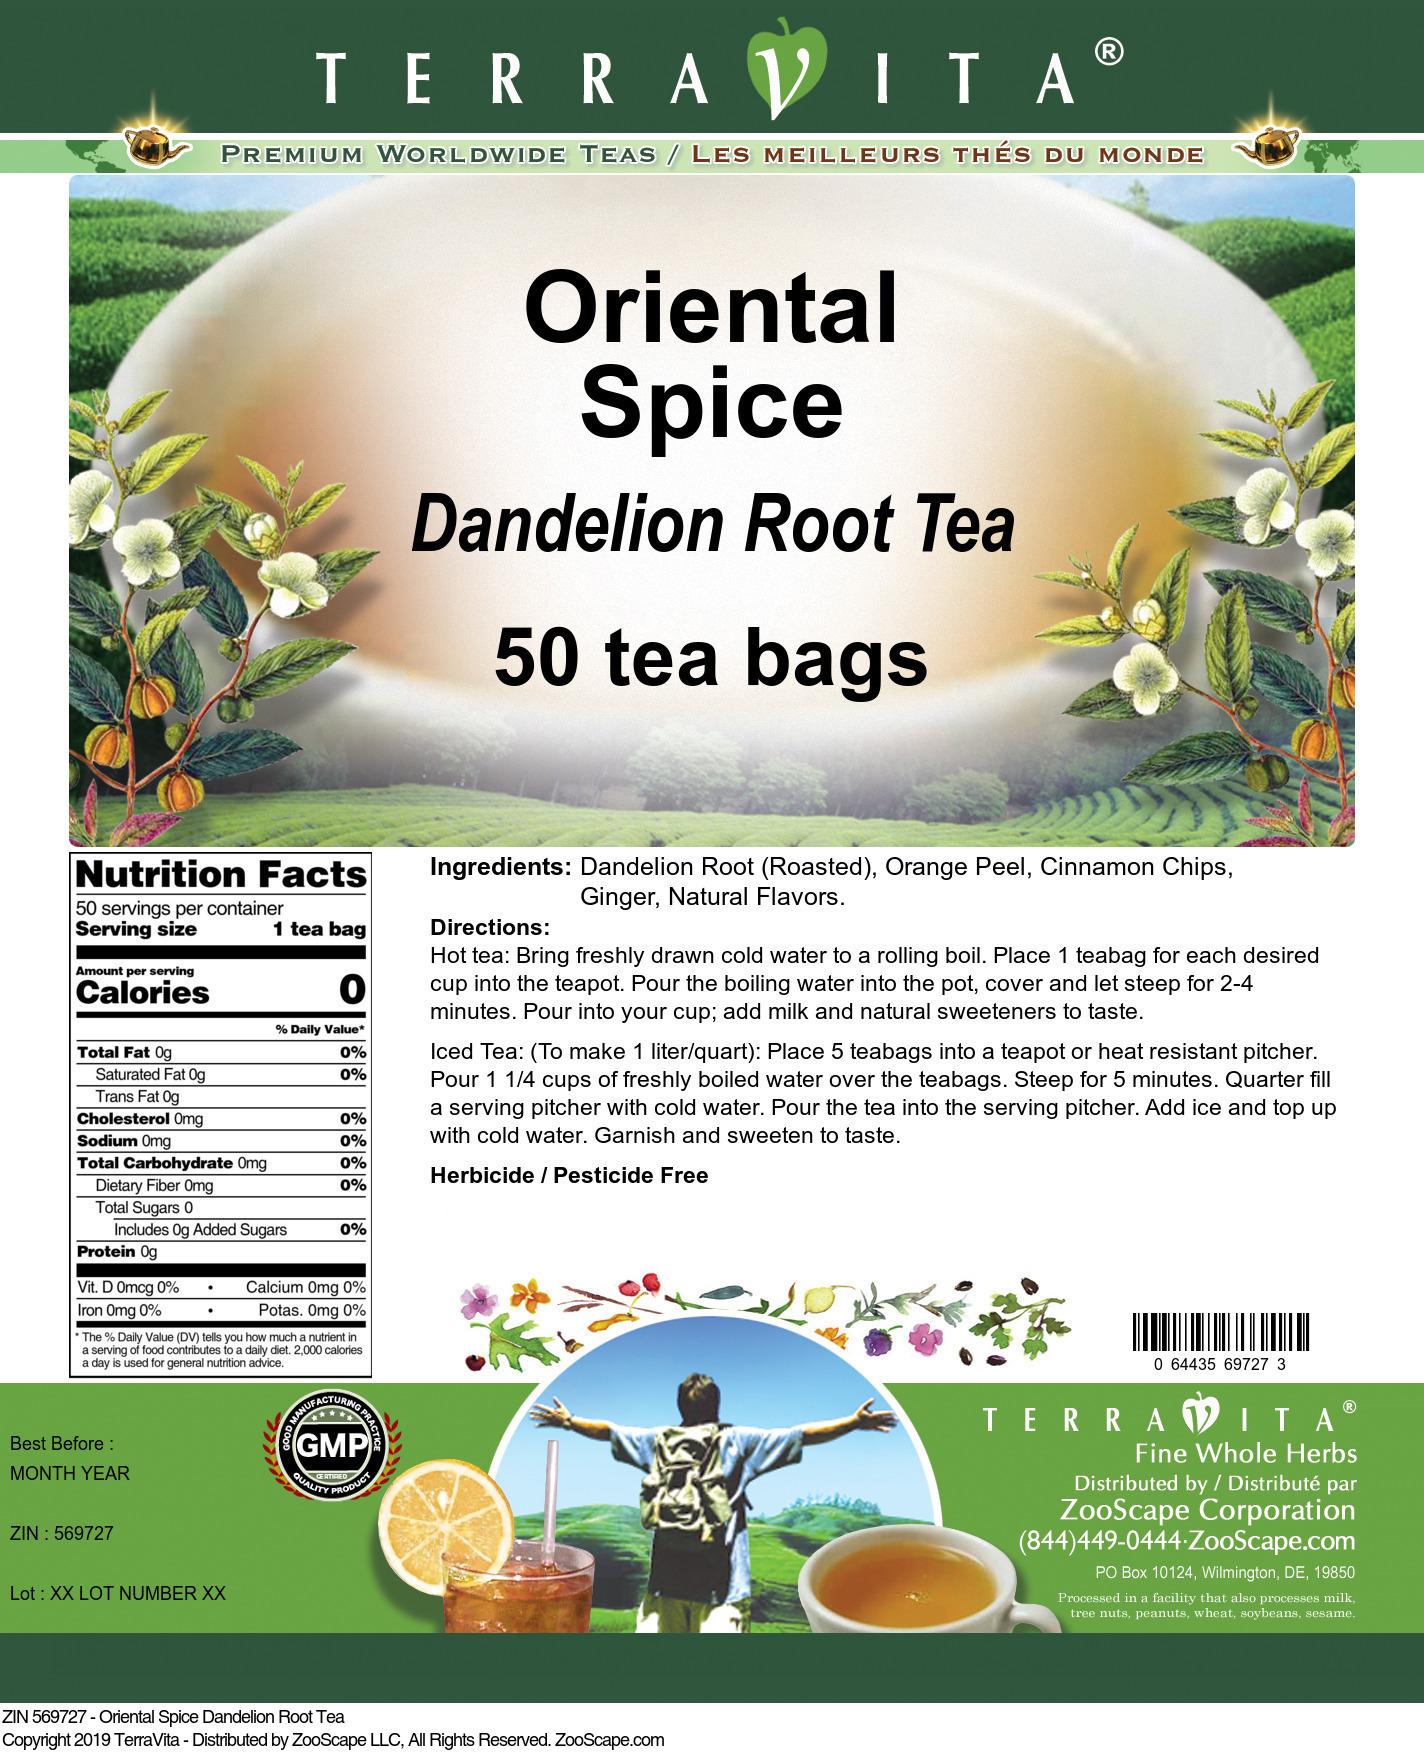 Oriental Spice Dandelion Root